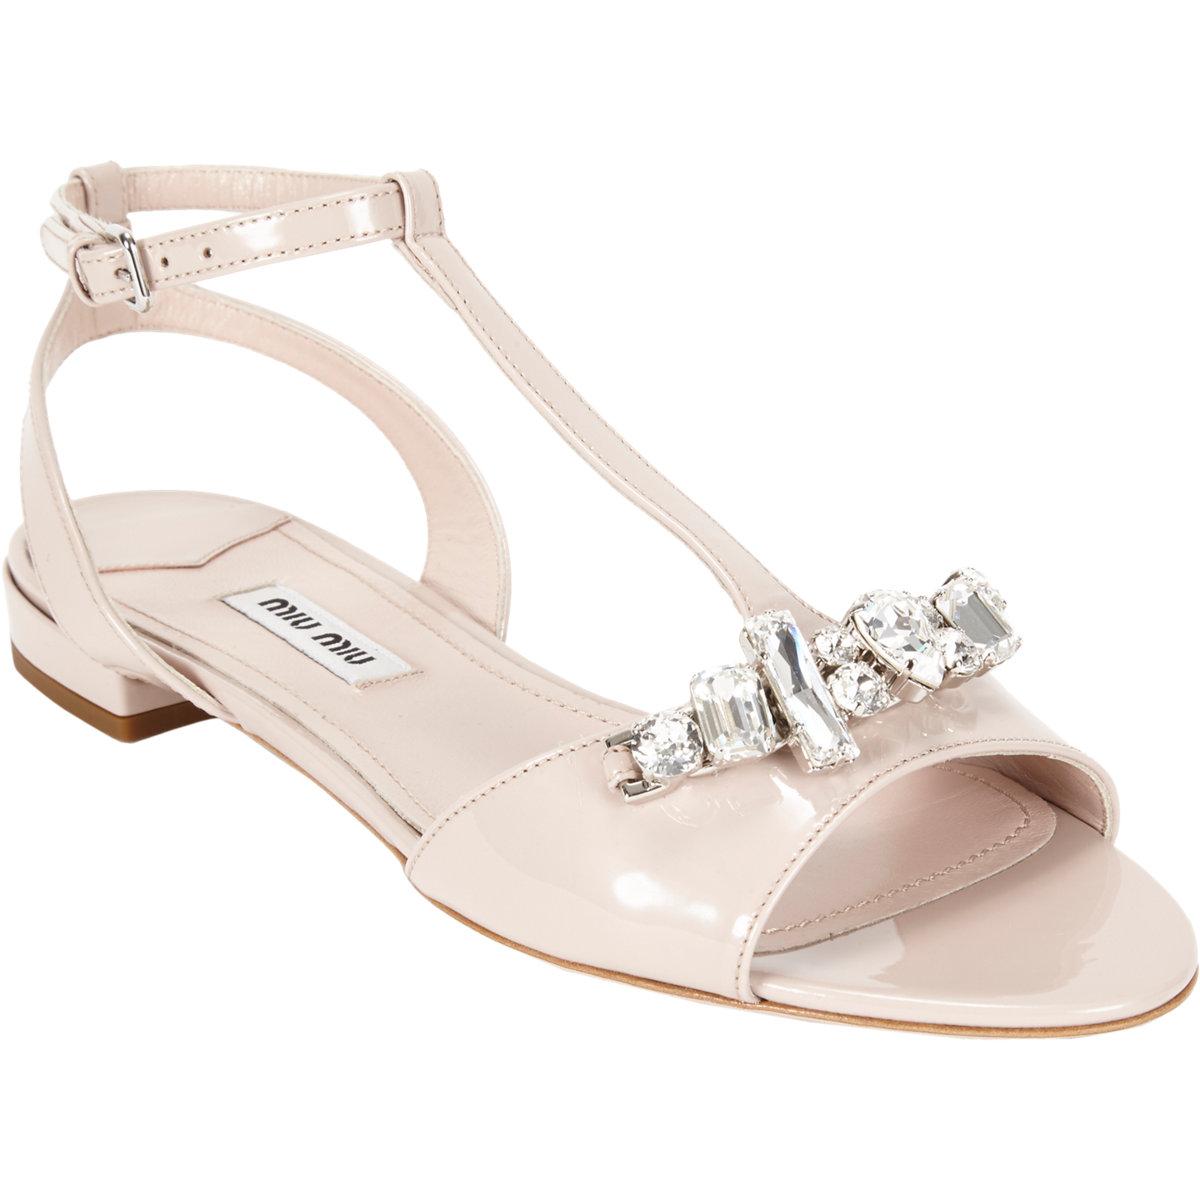 87ba3a1fd Miu Miu Crystal-detailed T-strap Sandals at Barneys.com